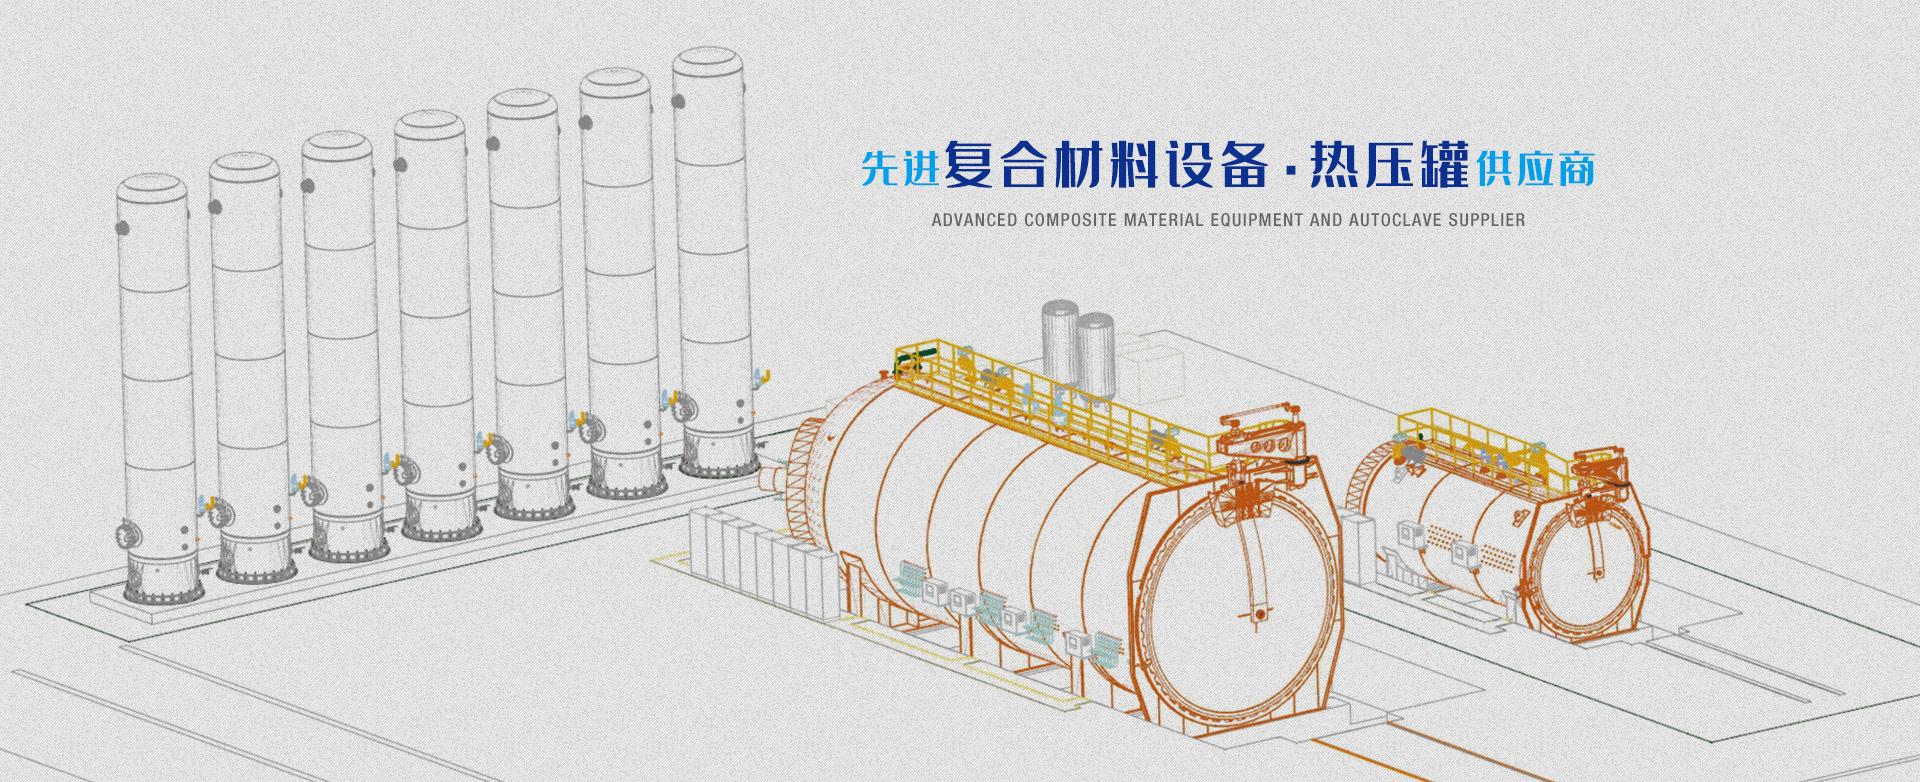 先进复合材料设备、热压罐供应商